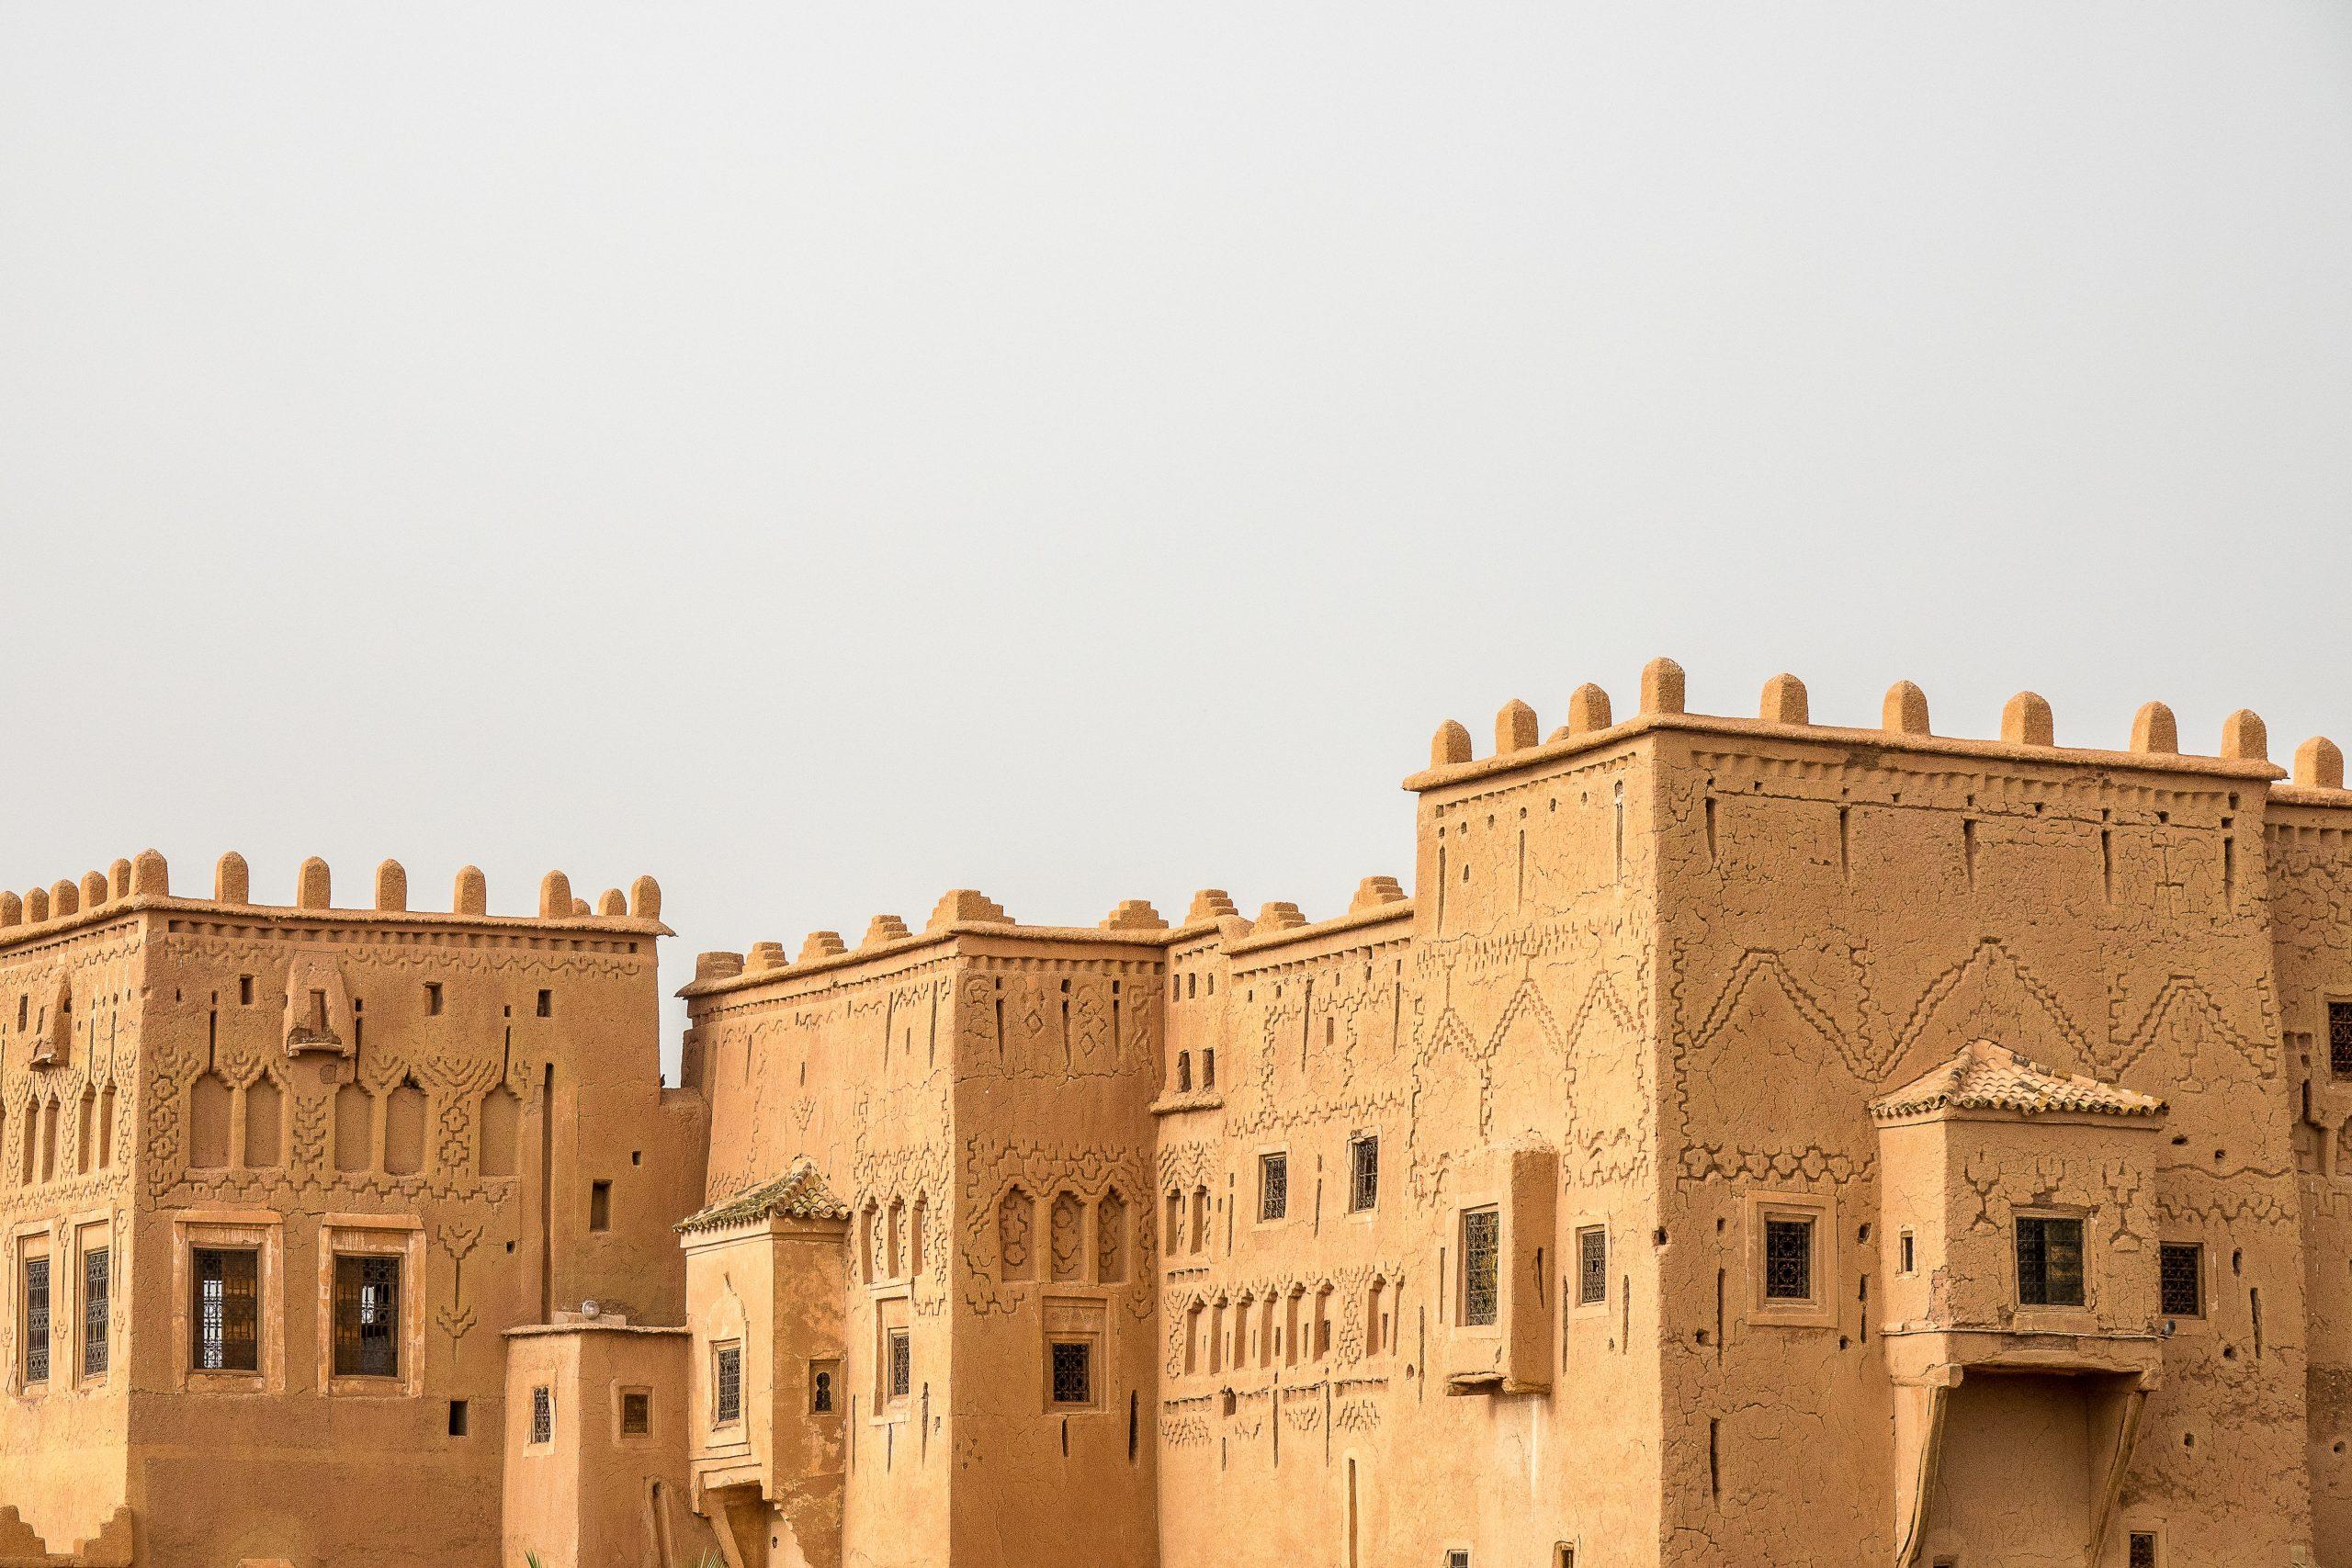 Morocco-scaled.jpg